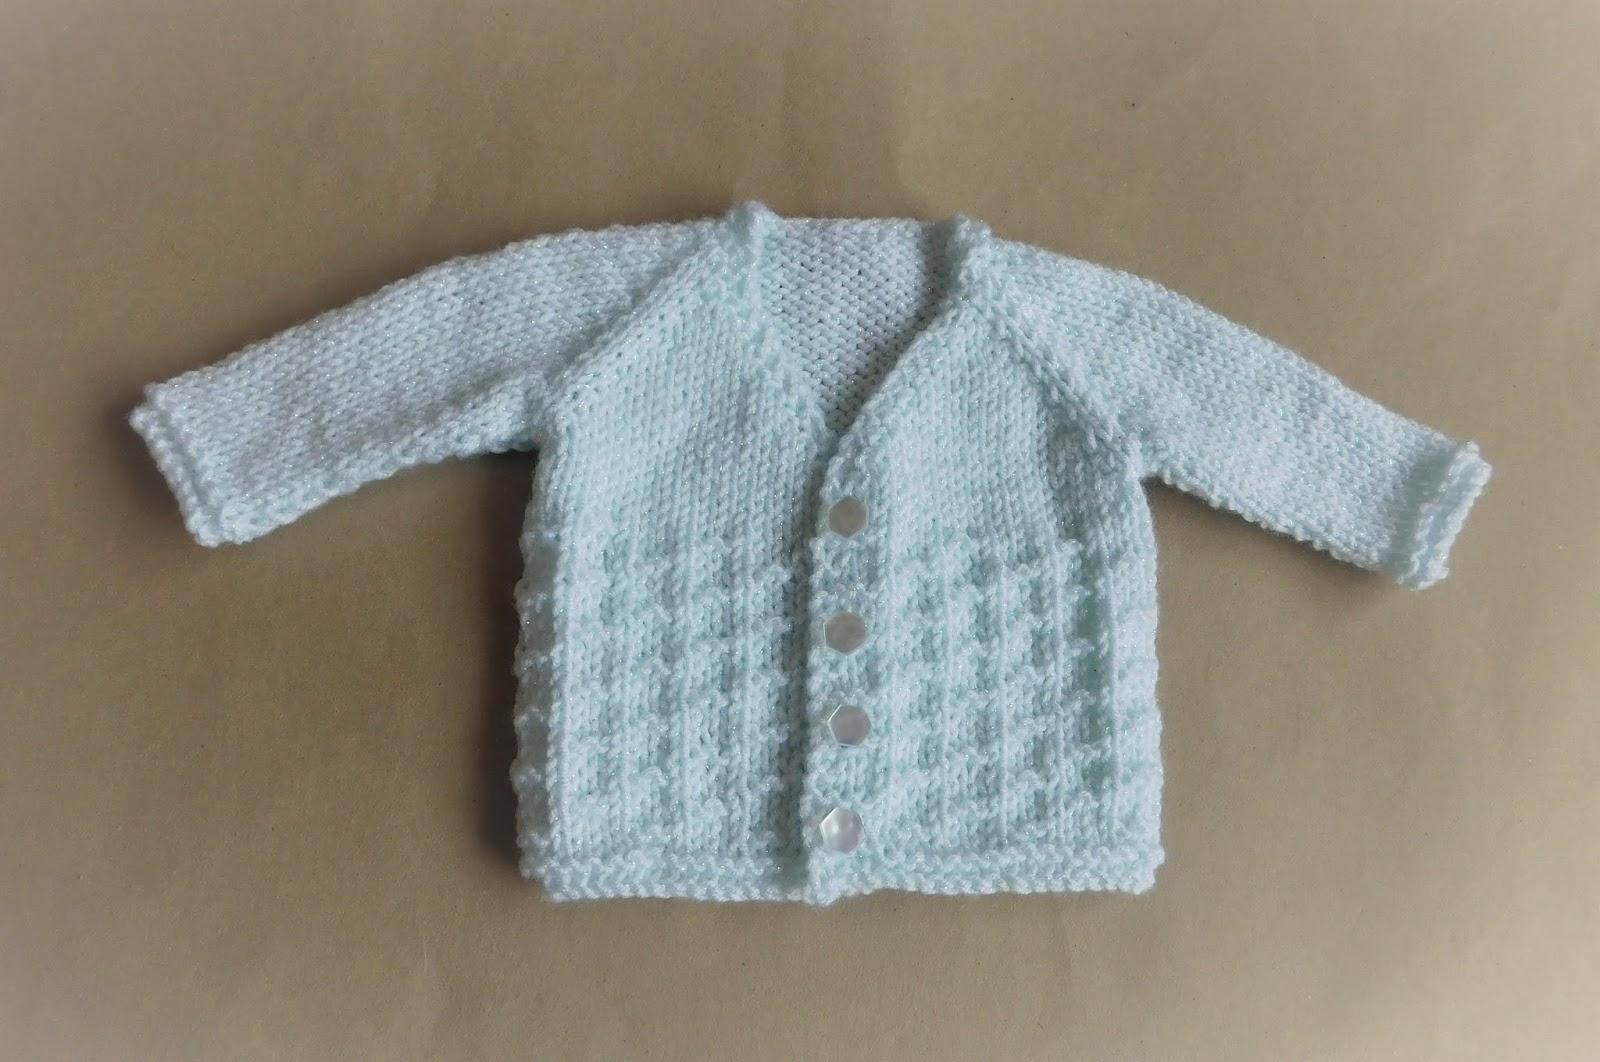 c56e58672f028 Marianna s Lazy Daisy Days  NEVIS Top-down V-neck Baby Cardigan Jacket